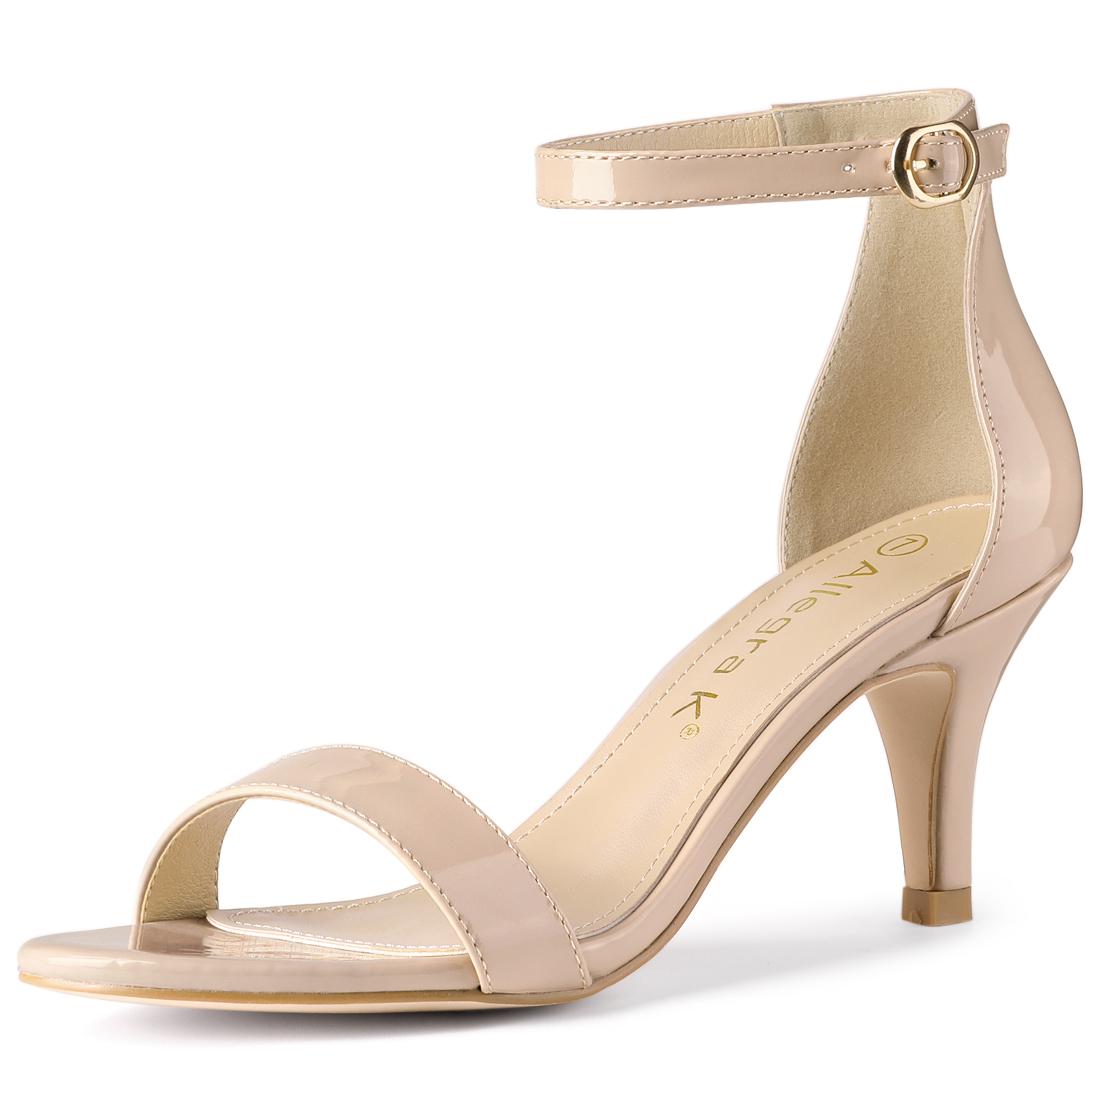 Allegra K Women's Opened Toe Stiletto Heel Ankle Strap Sandals Beige US 7